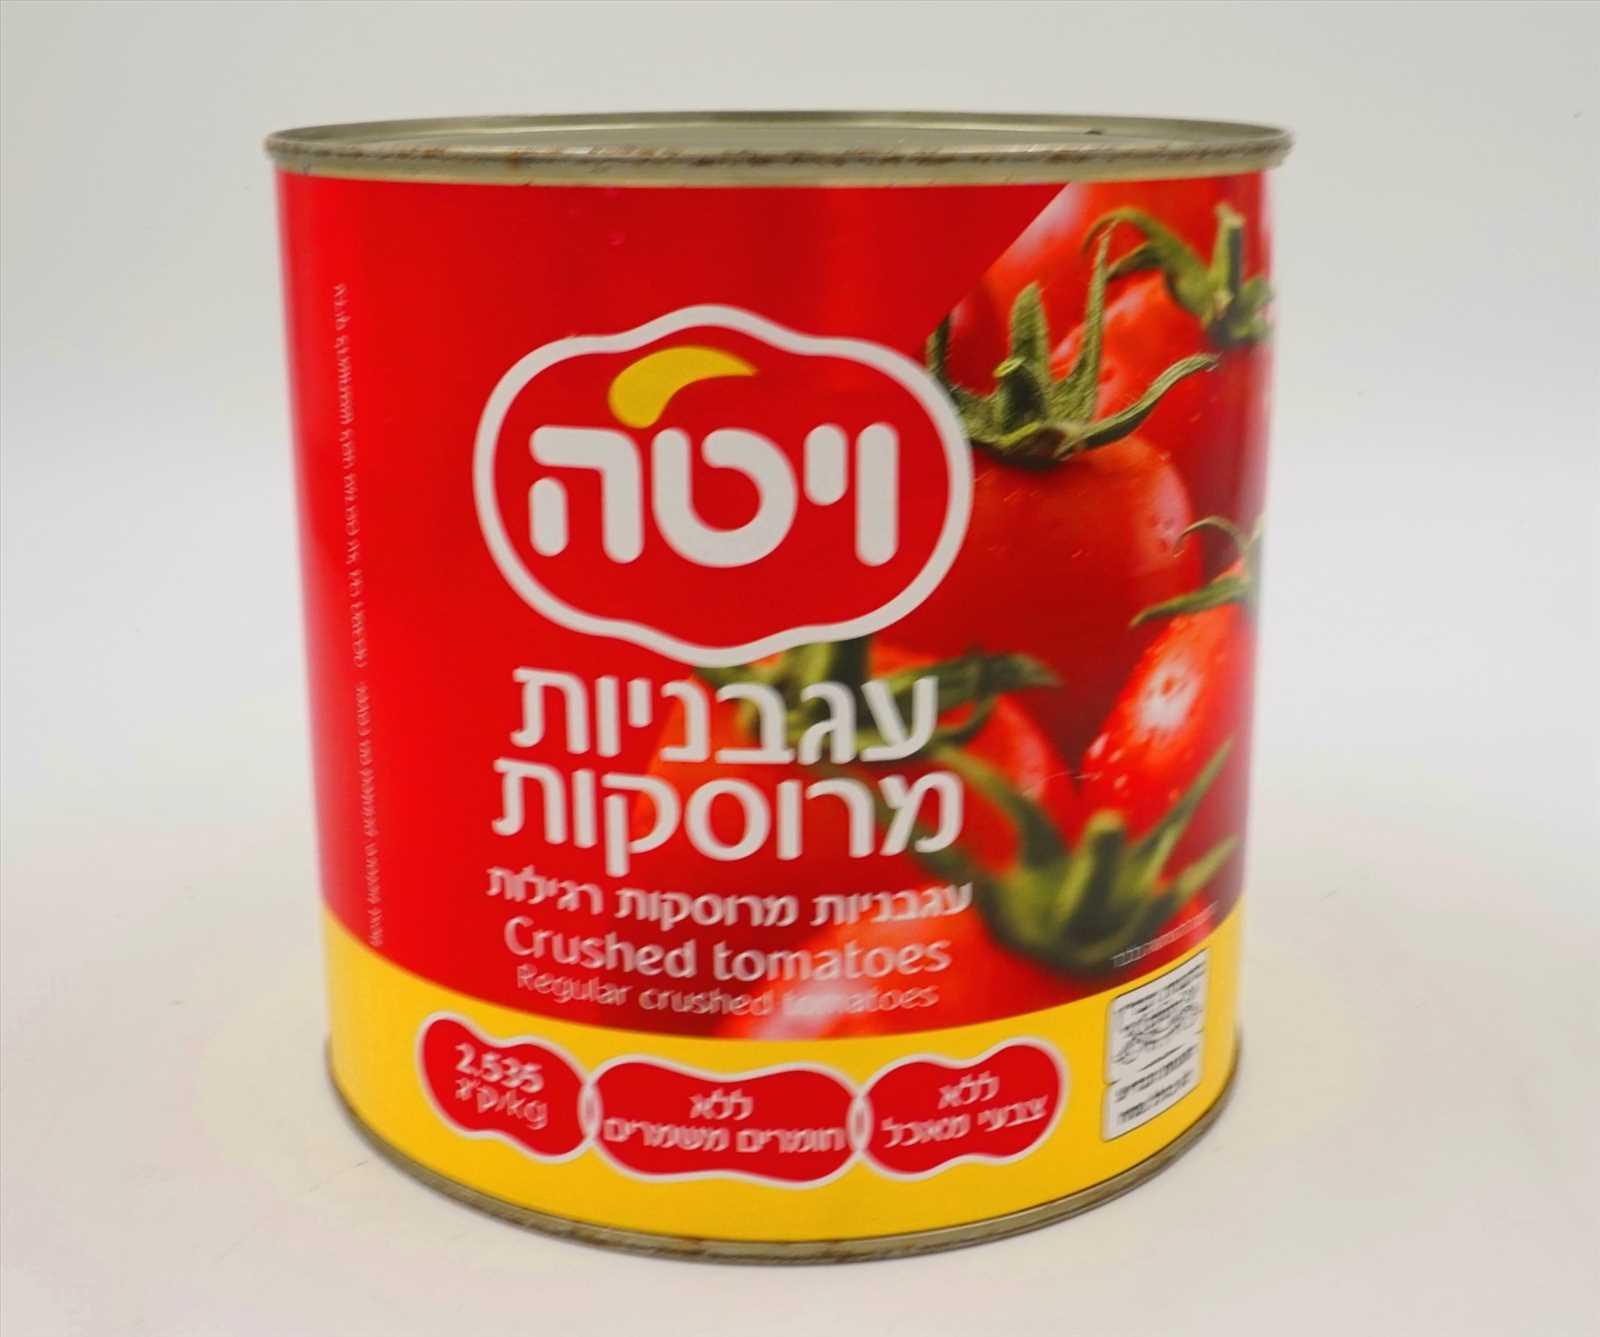 עגבניות מרוסקות 2.5 ק